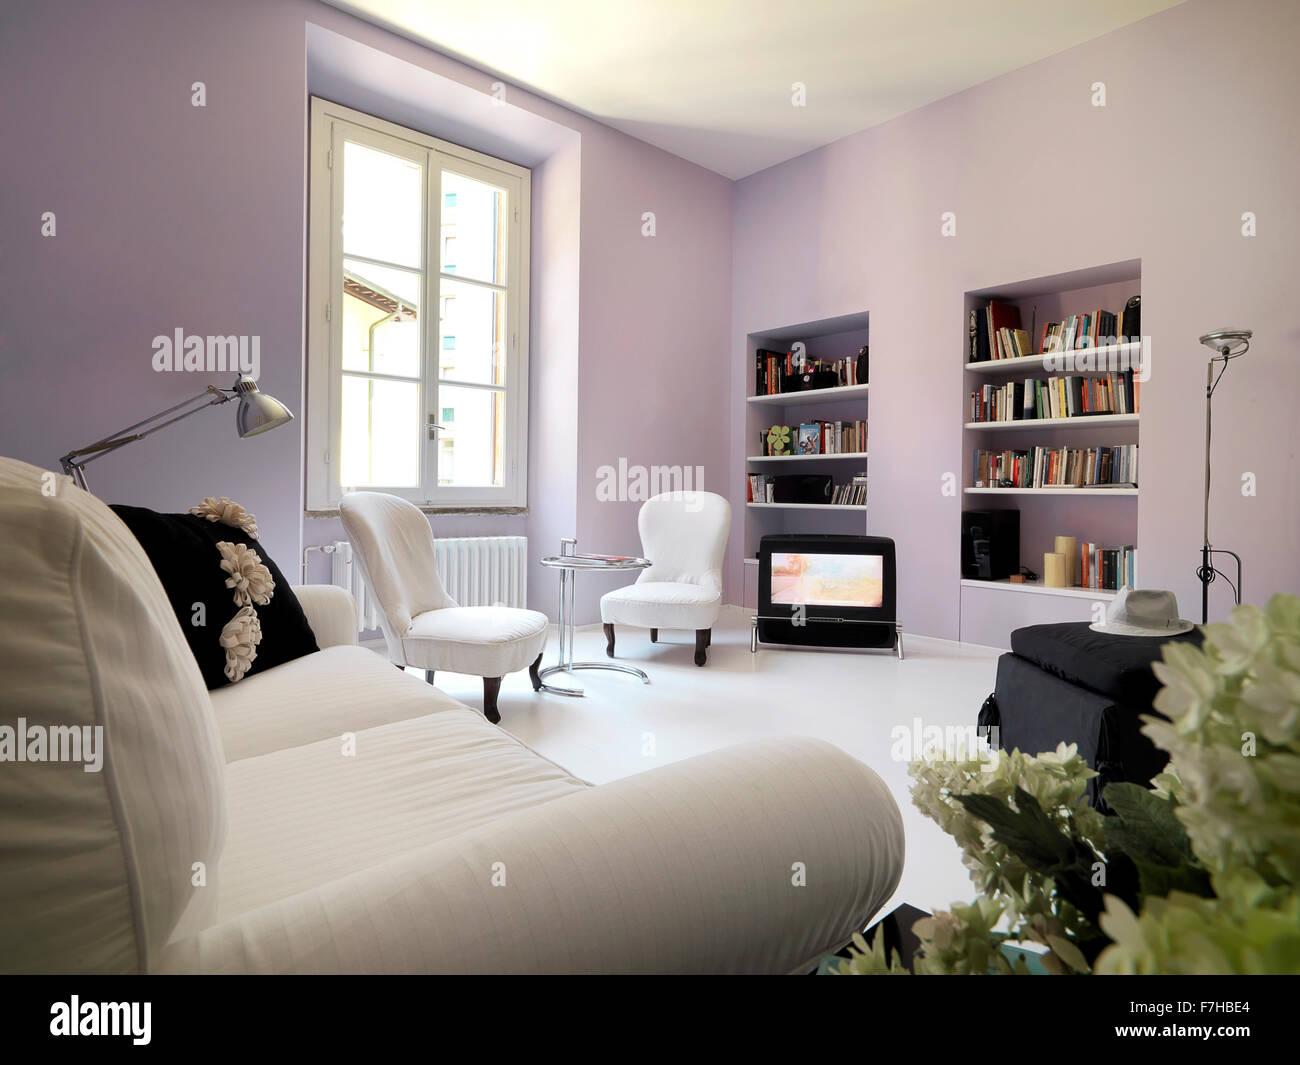 Salon classique avec des murs de couleur lilas et bibliothèque Photo Stock